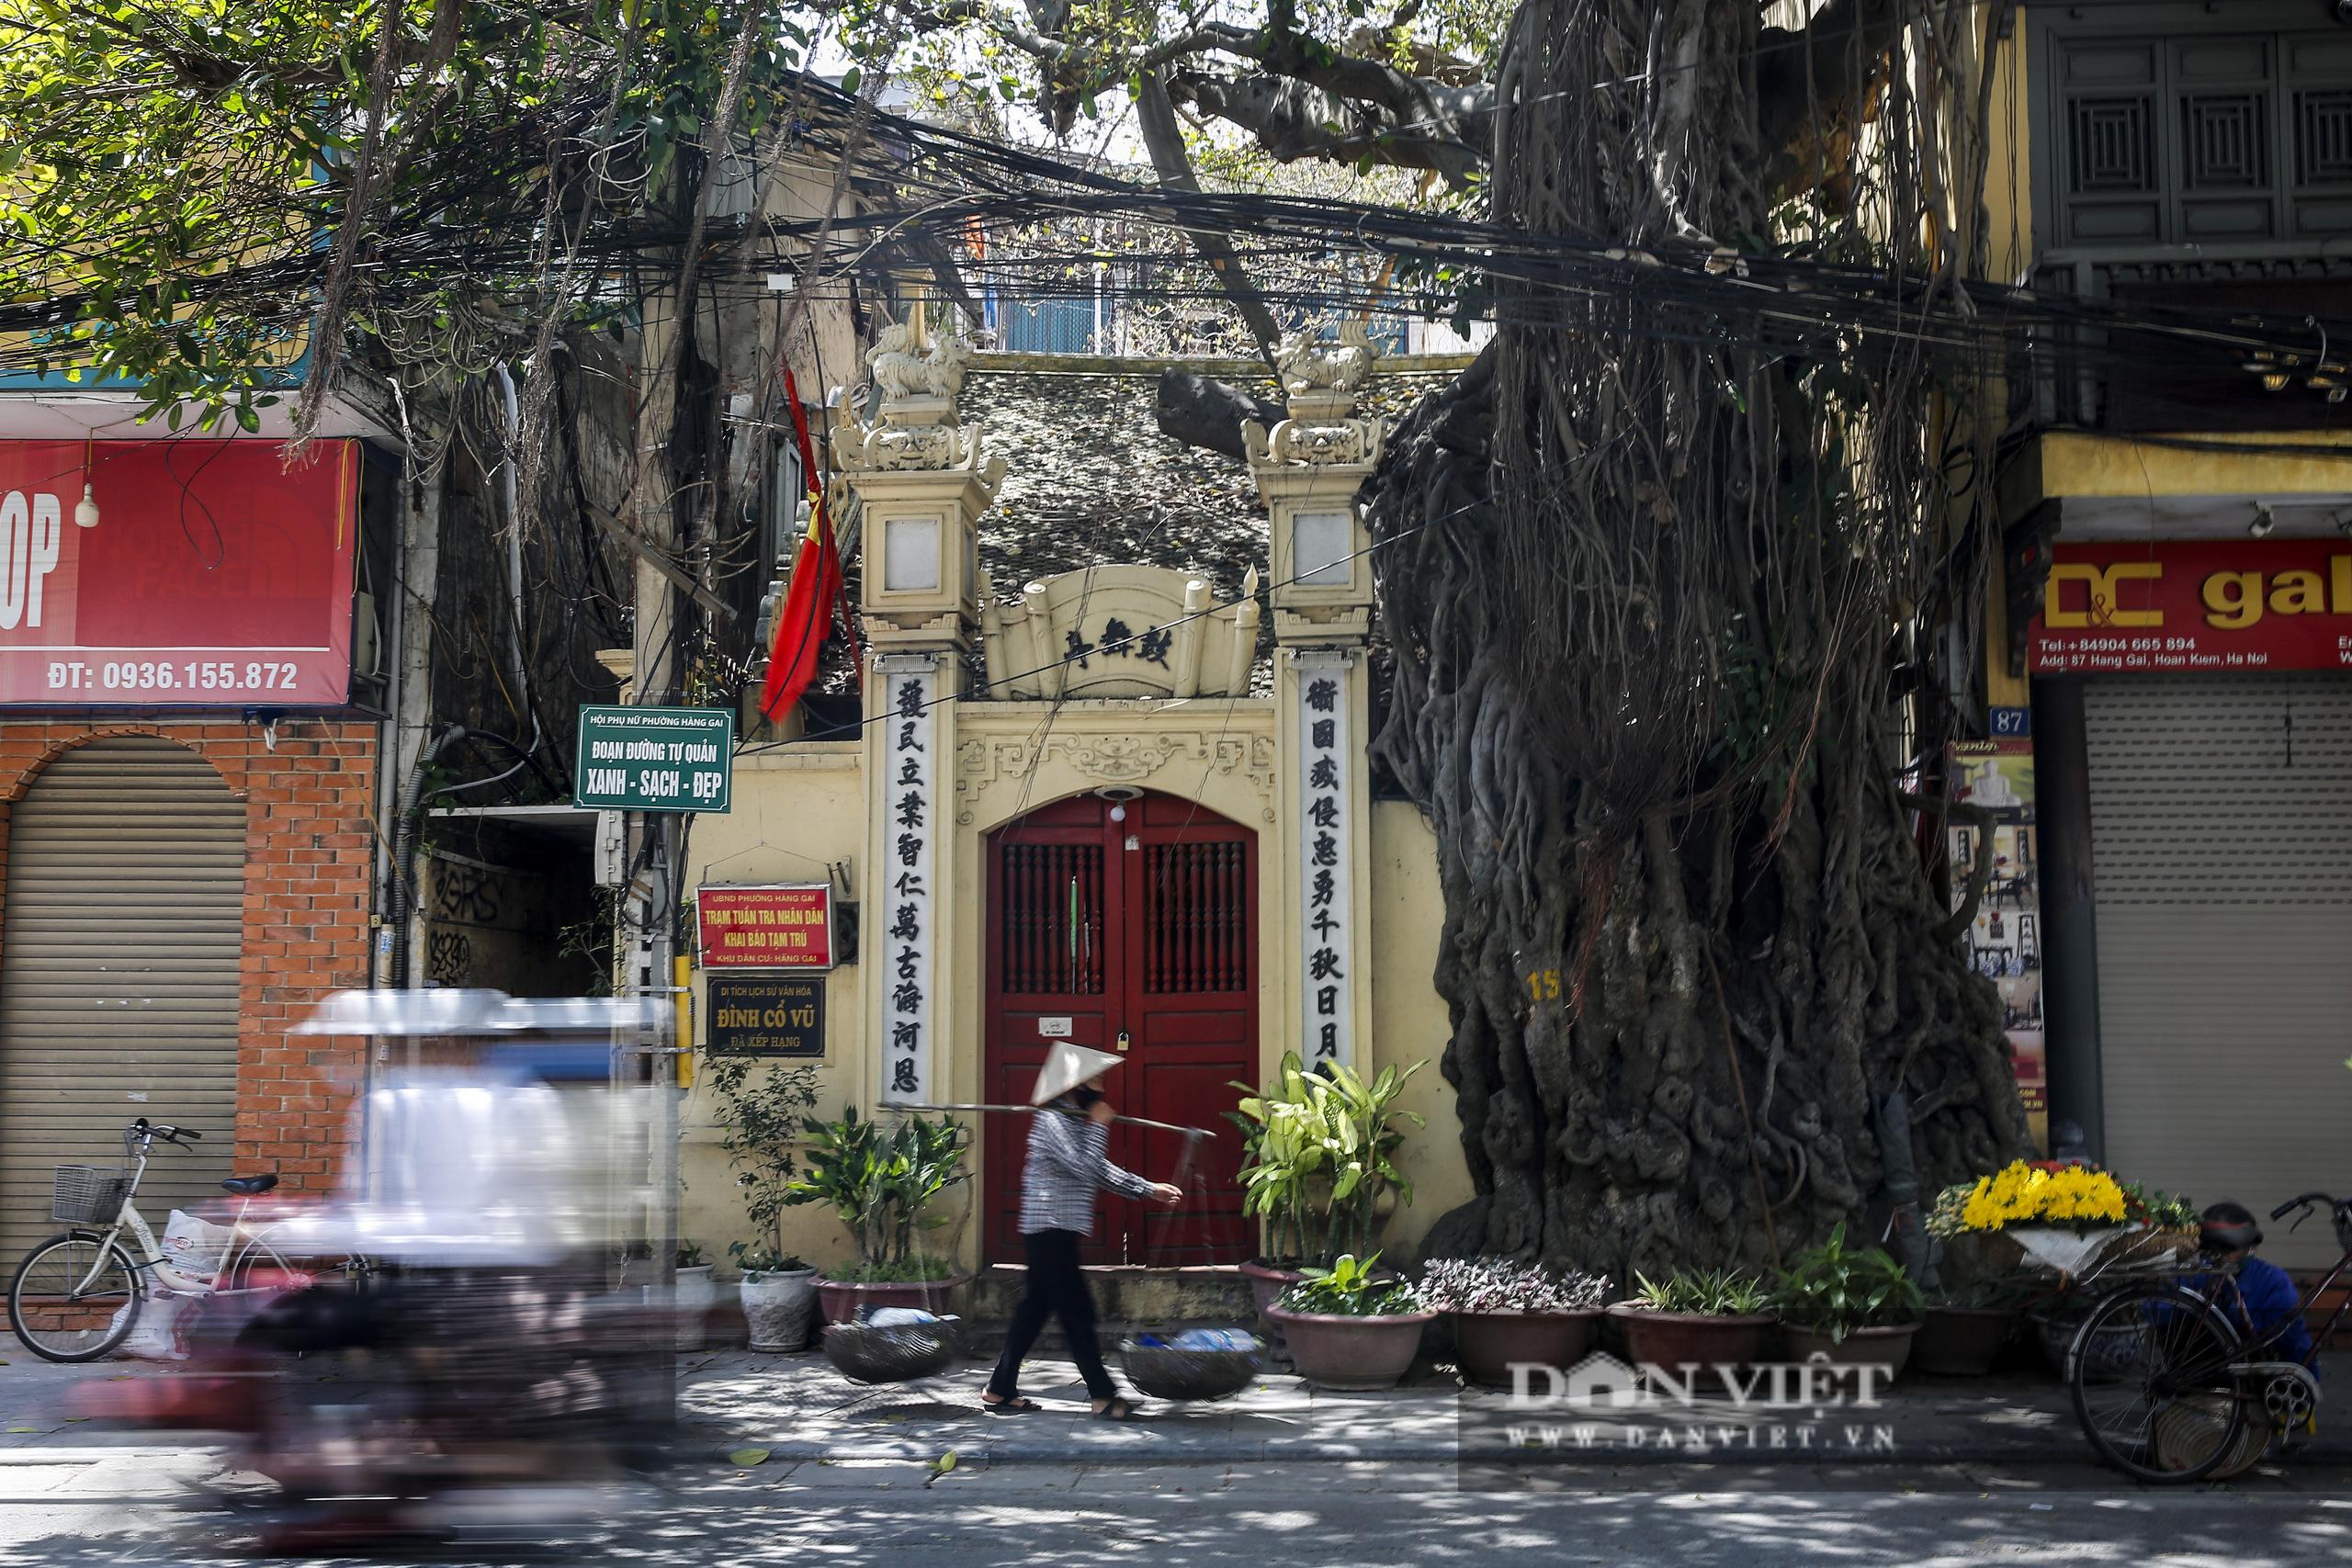 Hà Nội: Kỳ lạ con phố cổ dài 1 Km nhưng có 6 tên gọi khác nhau - Ảnh 9.